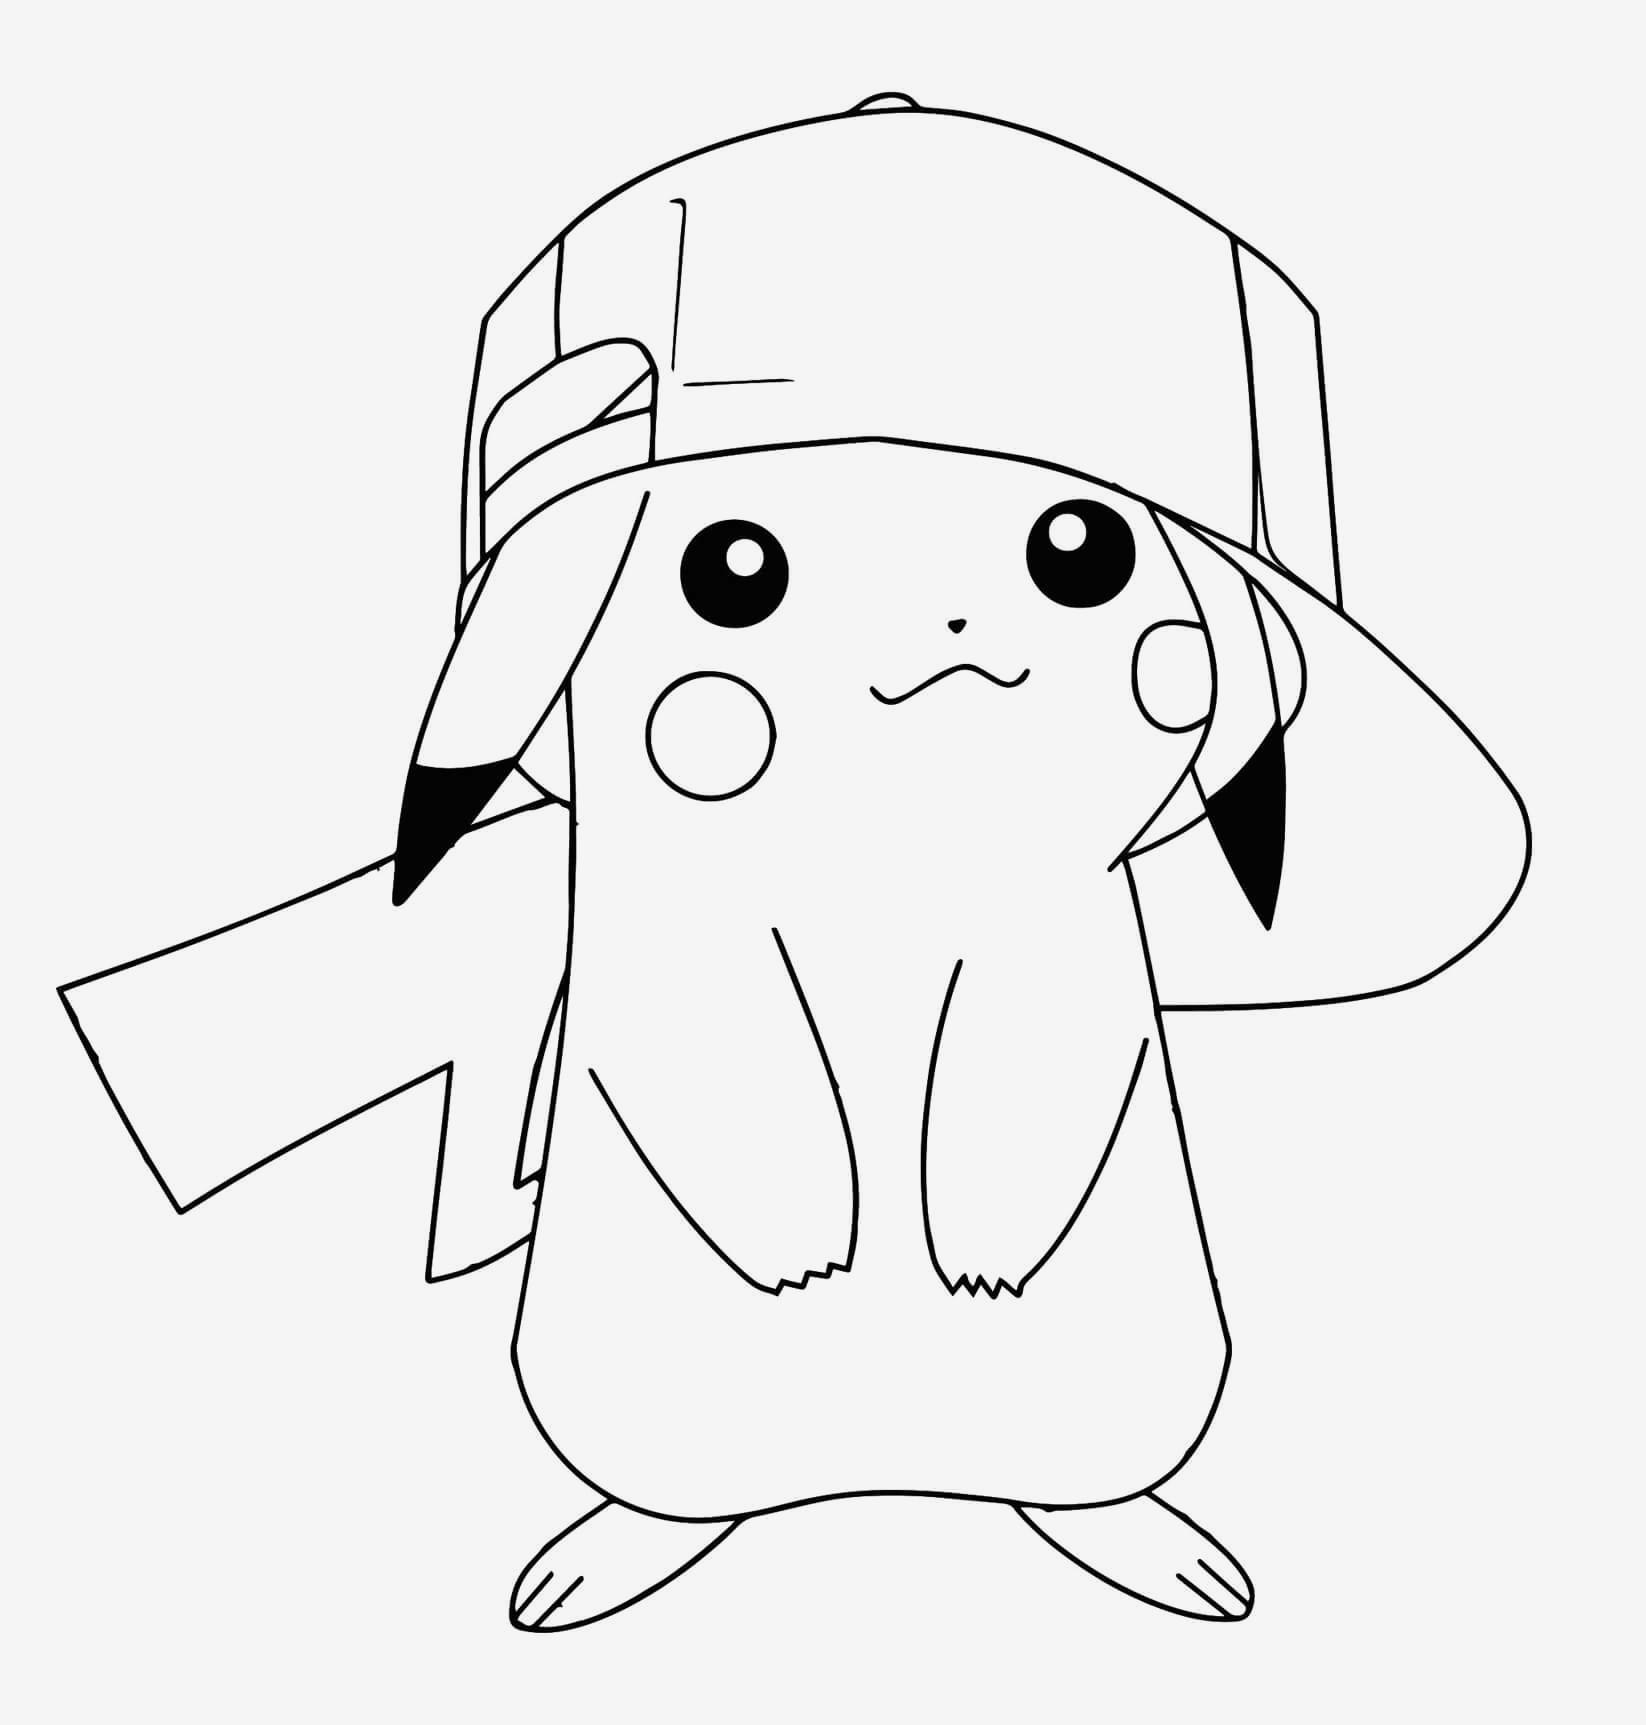 Pokemon Ausmalbilder Kostenlos Frisch Beispielbilder Färben Pokemon Bilder Zum Ausmalen Fotografieren